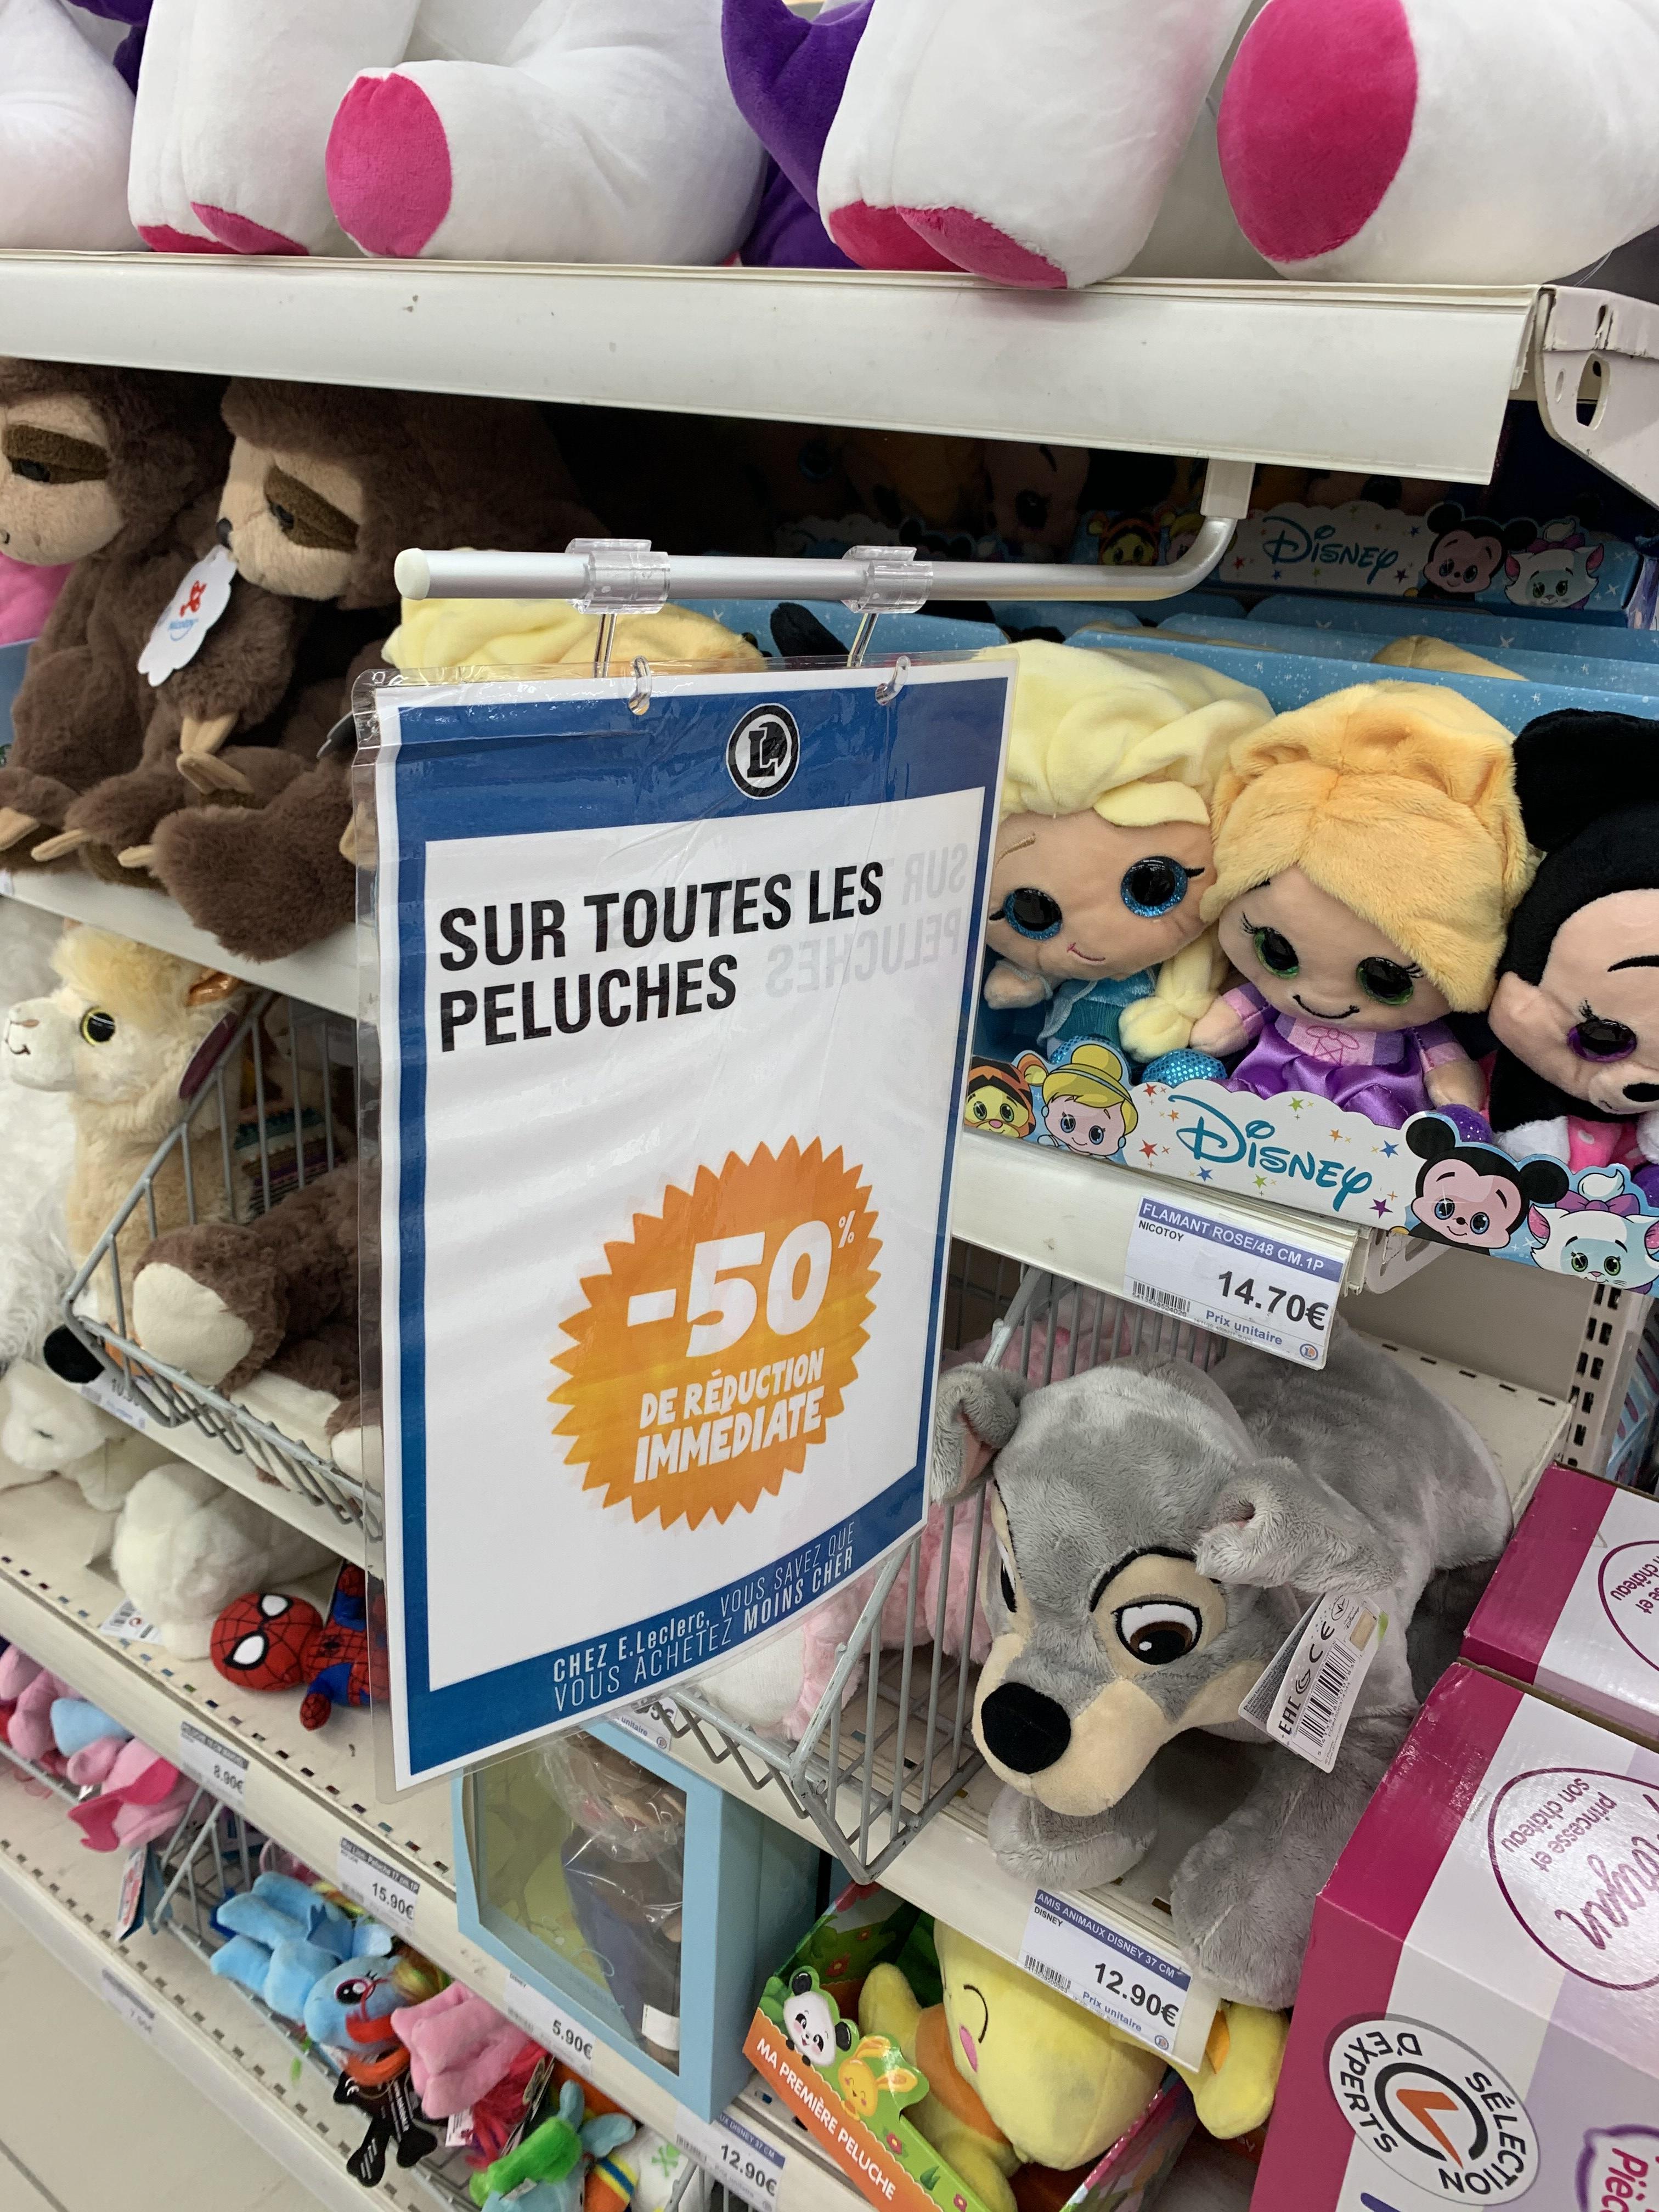 50% de réduction sur toutes les peluches - Niort Mendes France (79)